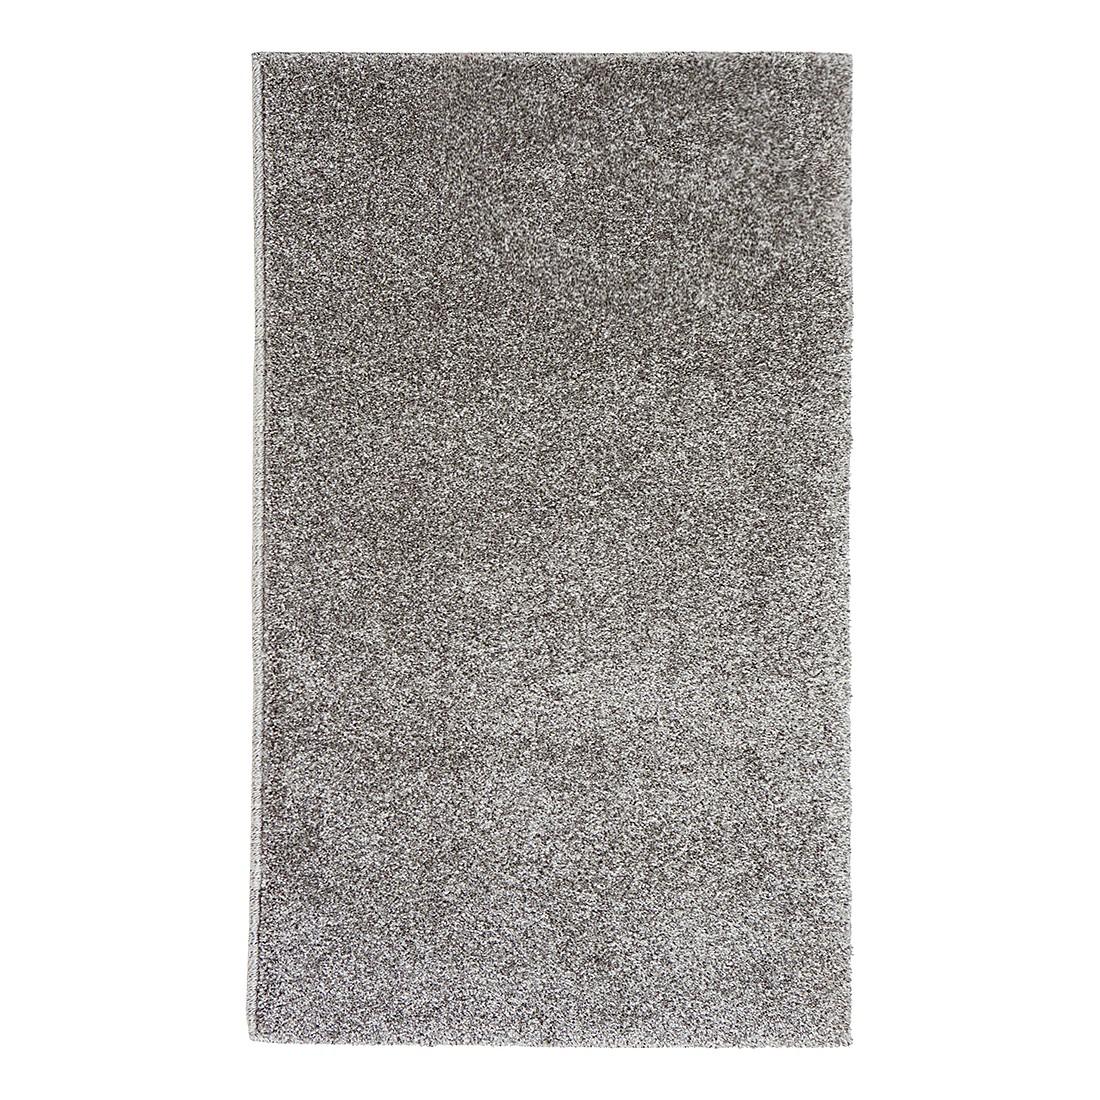 Teppich Samoa I – Grau – 240 x 300 cm, Astra online kaufen